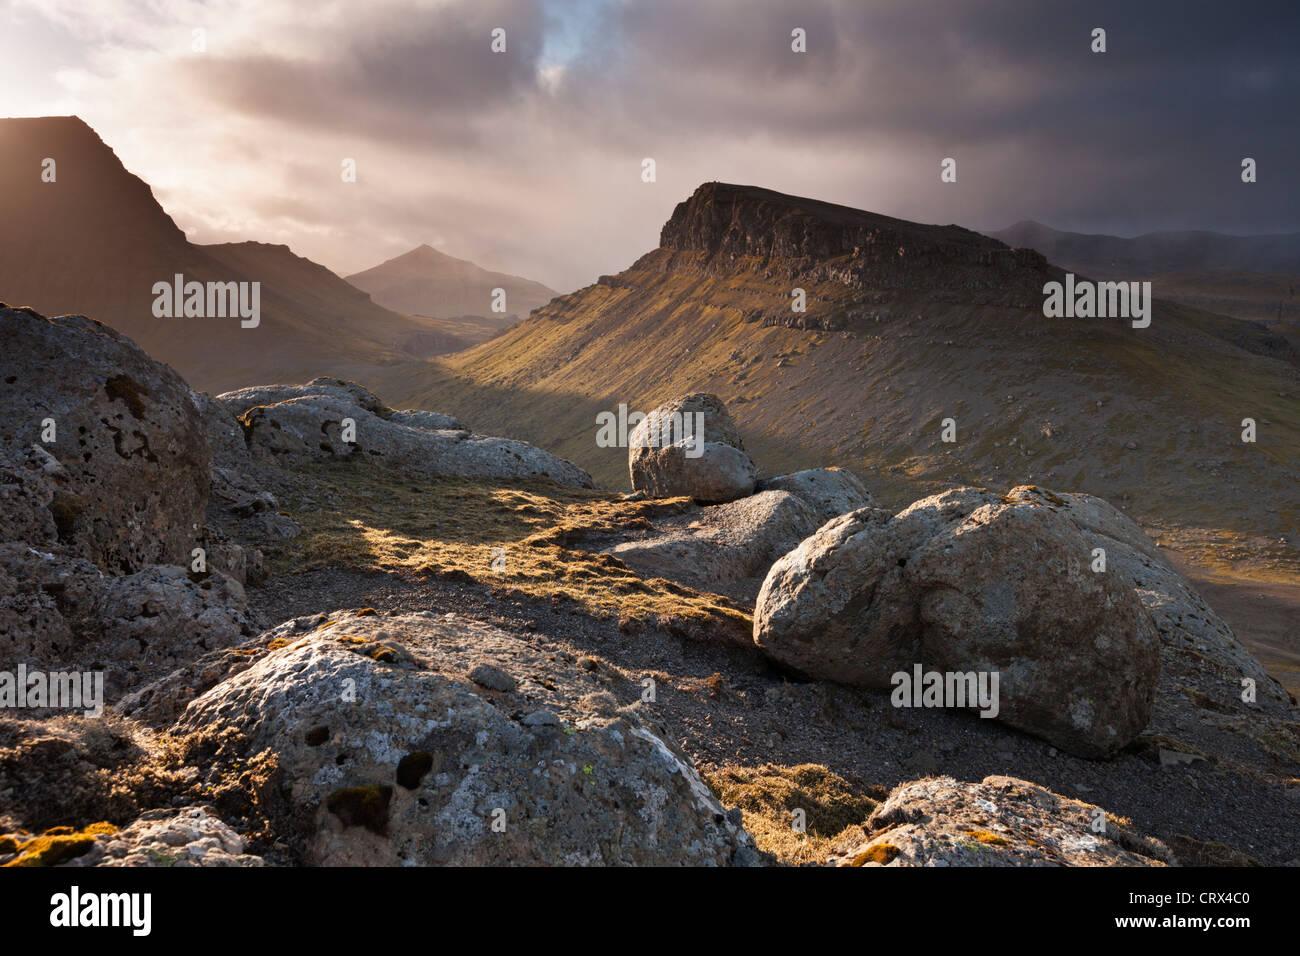 El interior montañoso de la isla de Streymoy, uno de las Islas Feroe. La primavera (junio) de 2012. Foto de stock